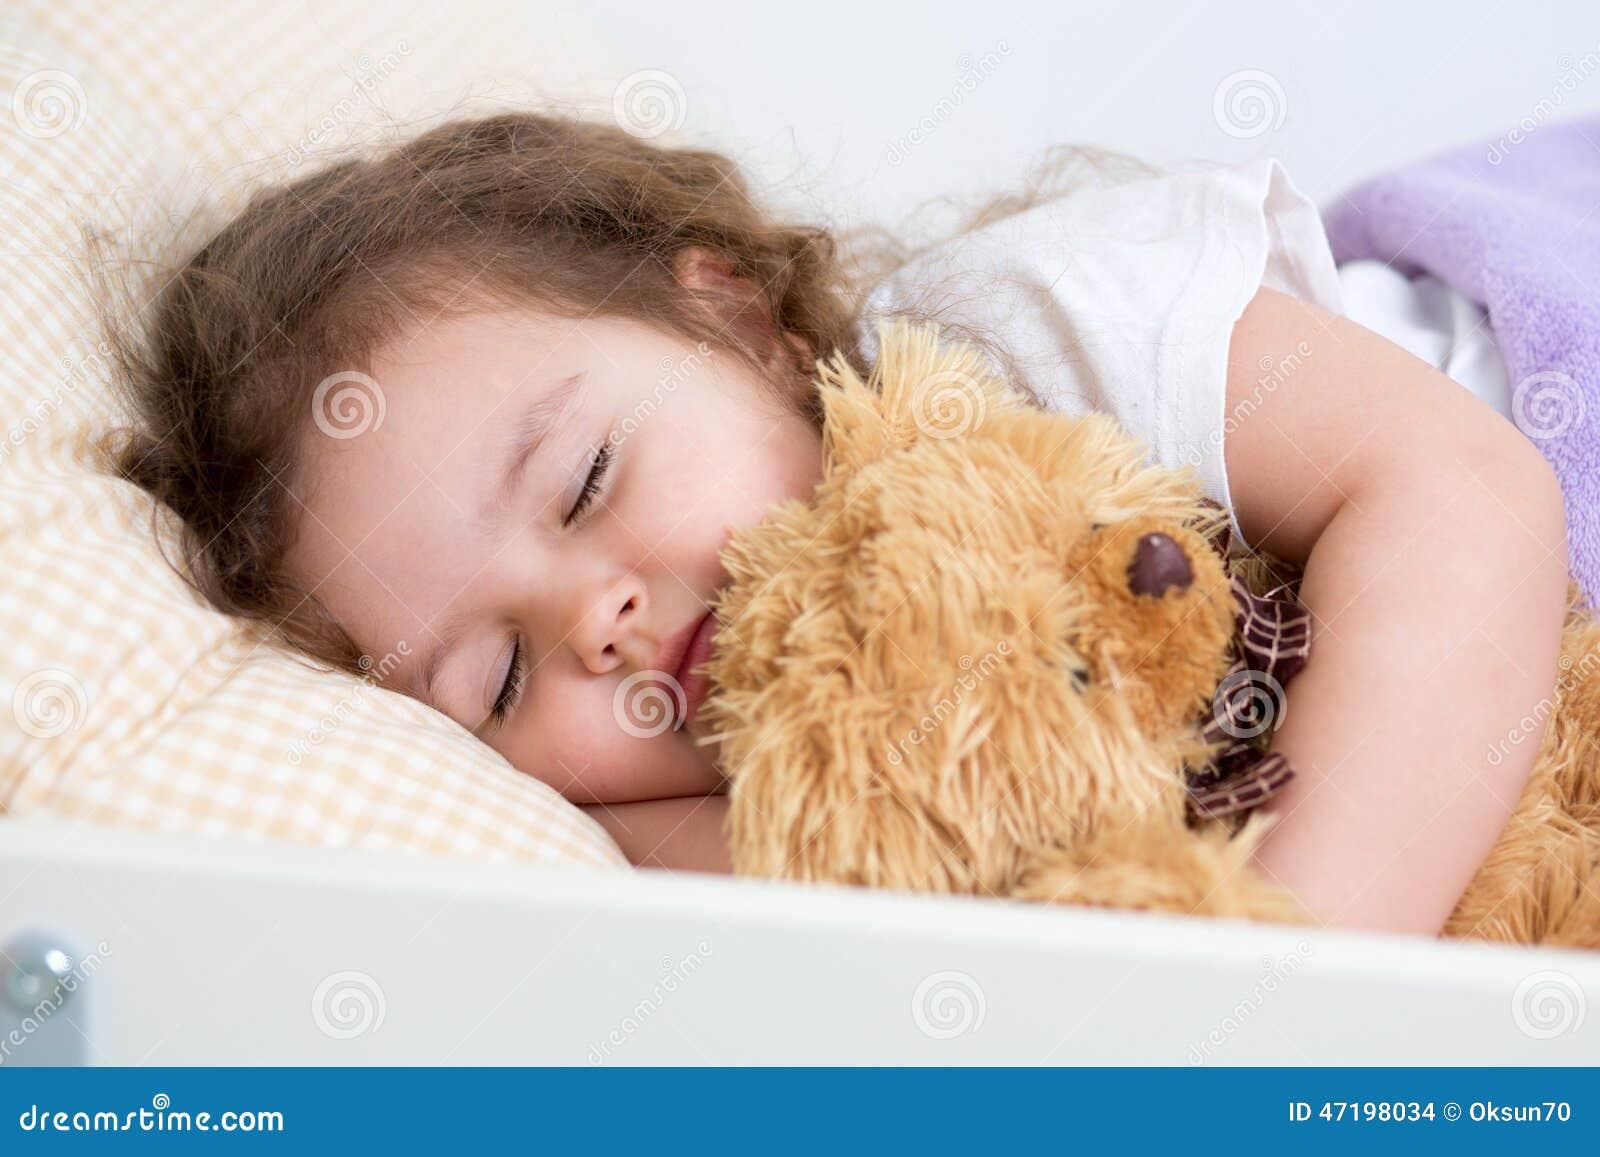 how to get sleepy on little sleep